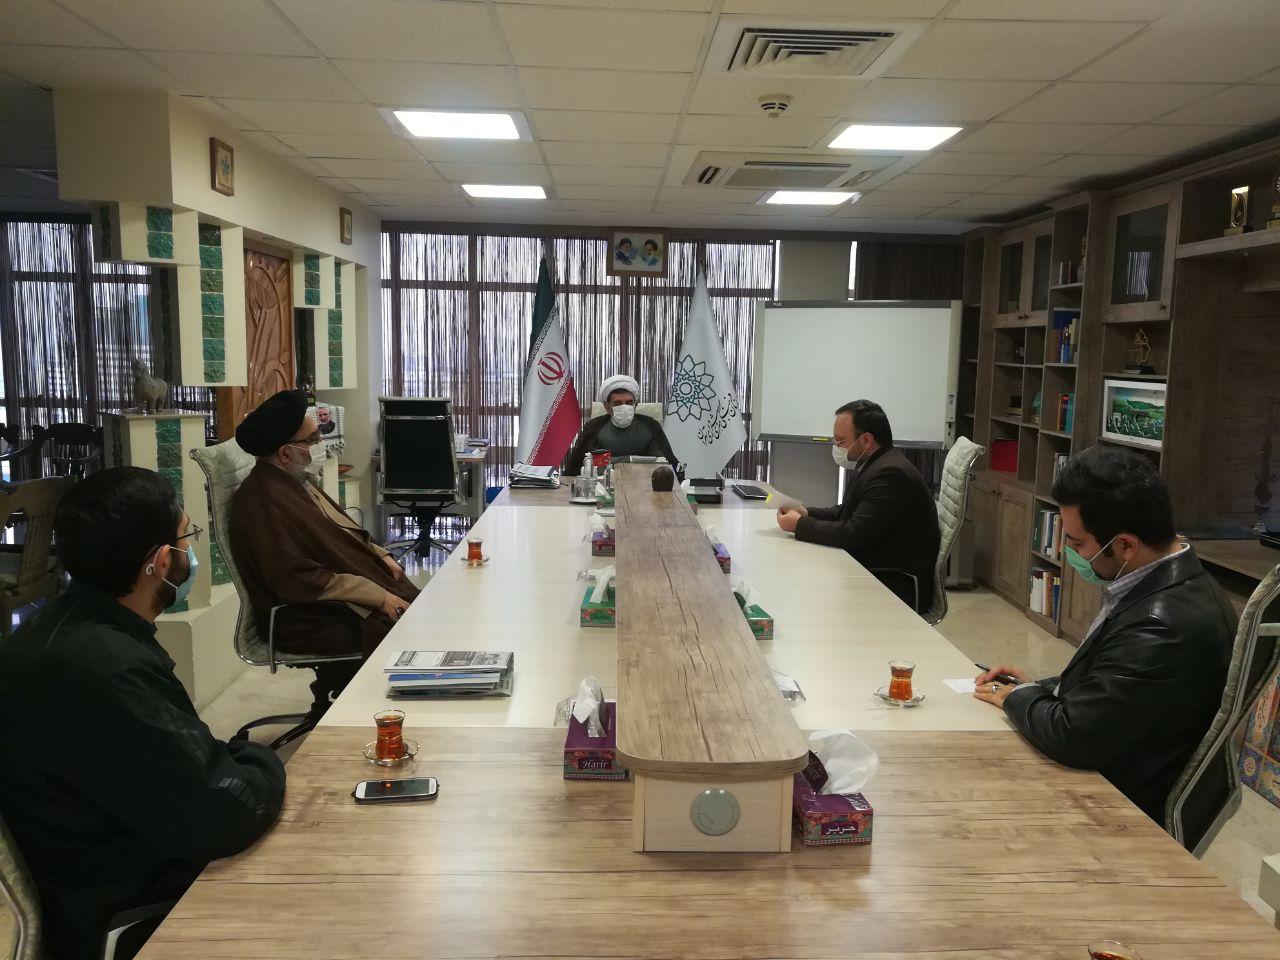 سازمان فرهنگی هنری شهرداری تهران در اجرای مراسم و تولیدات فرهنگی محکم ایستاده است